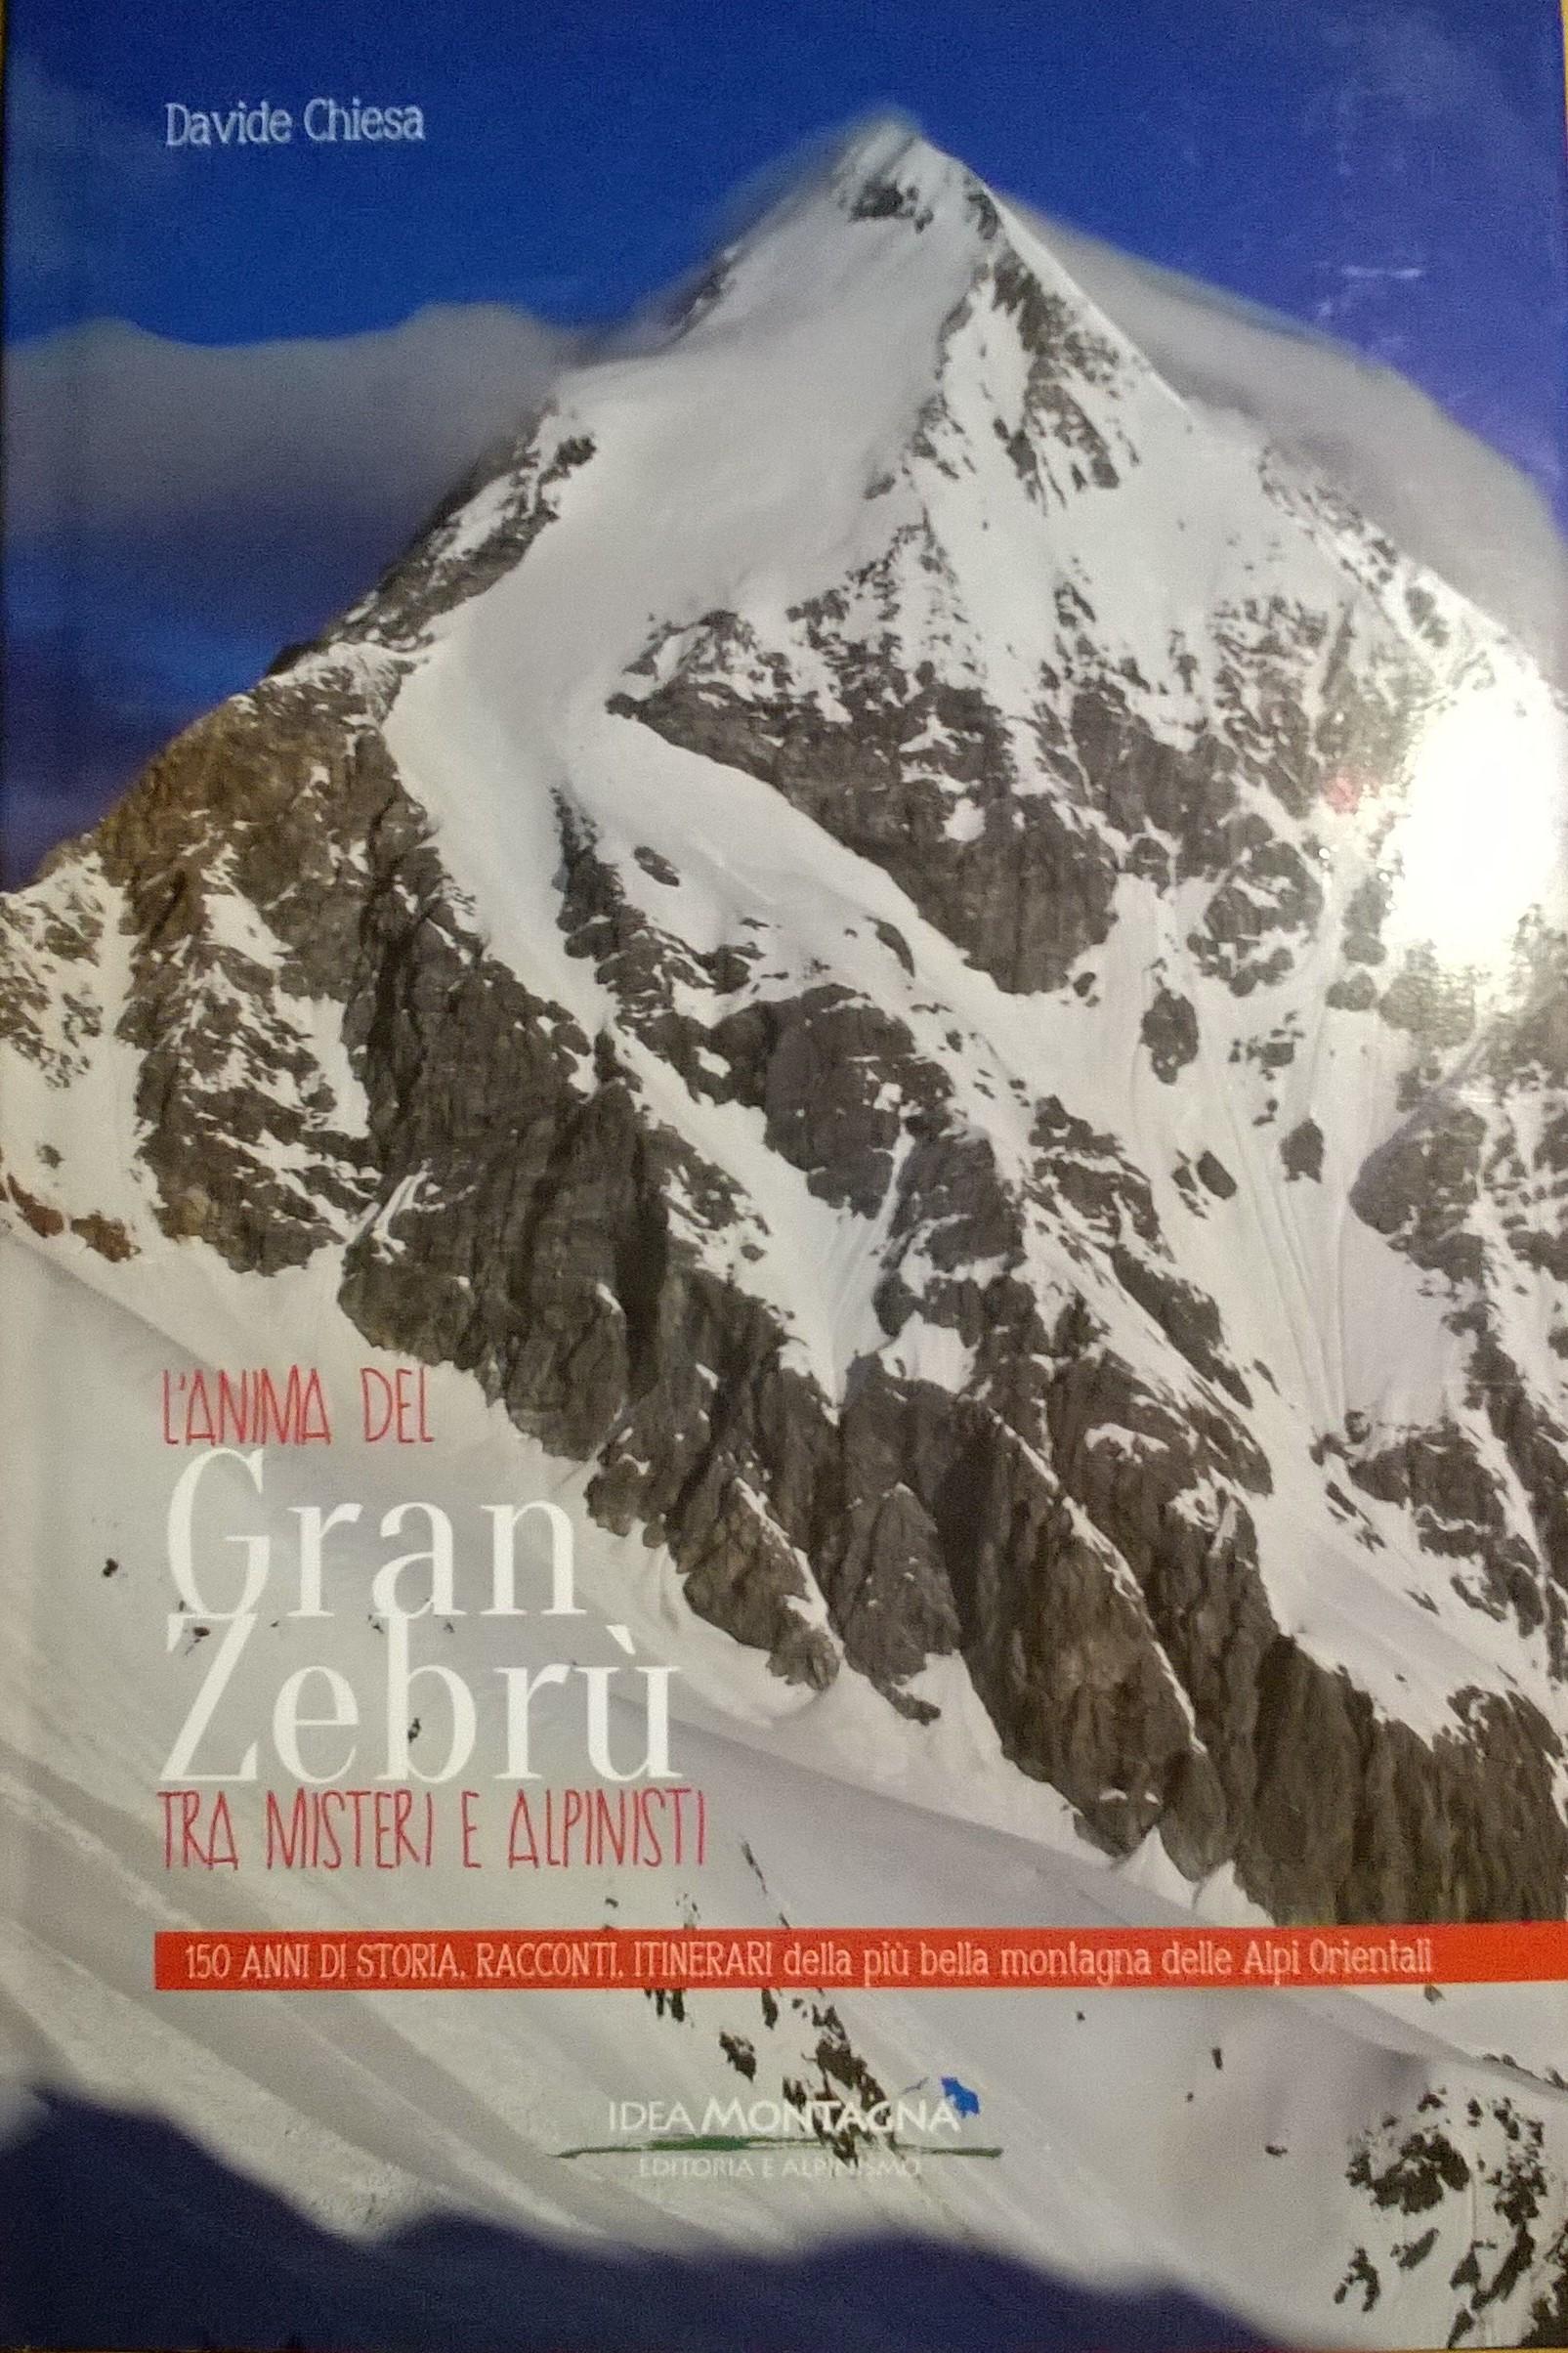 L'anima del Gran Zebrù tra misteri e alpinisti